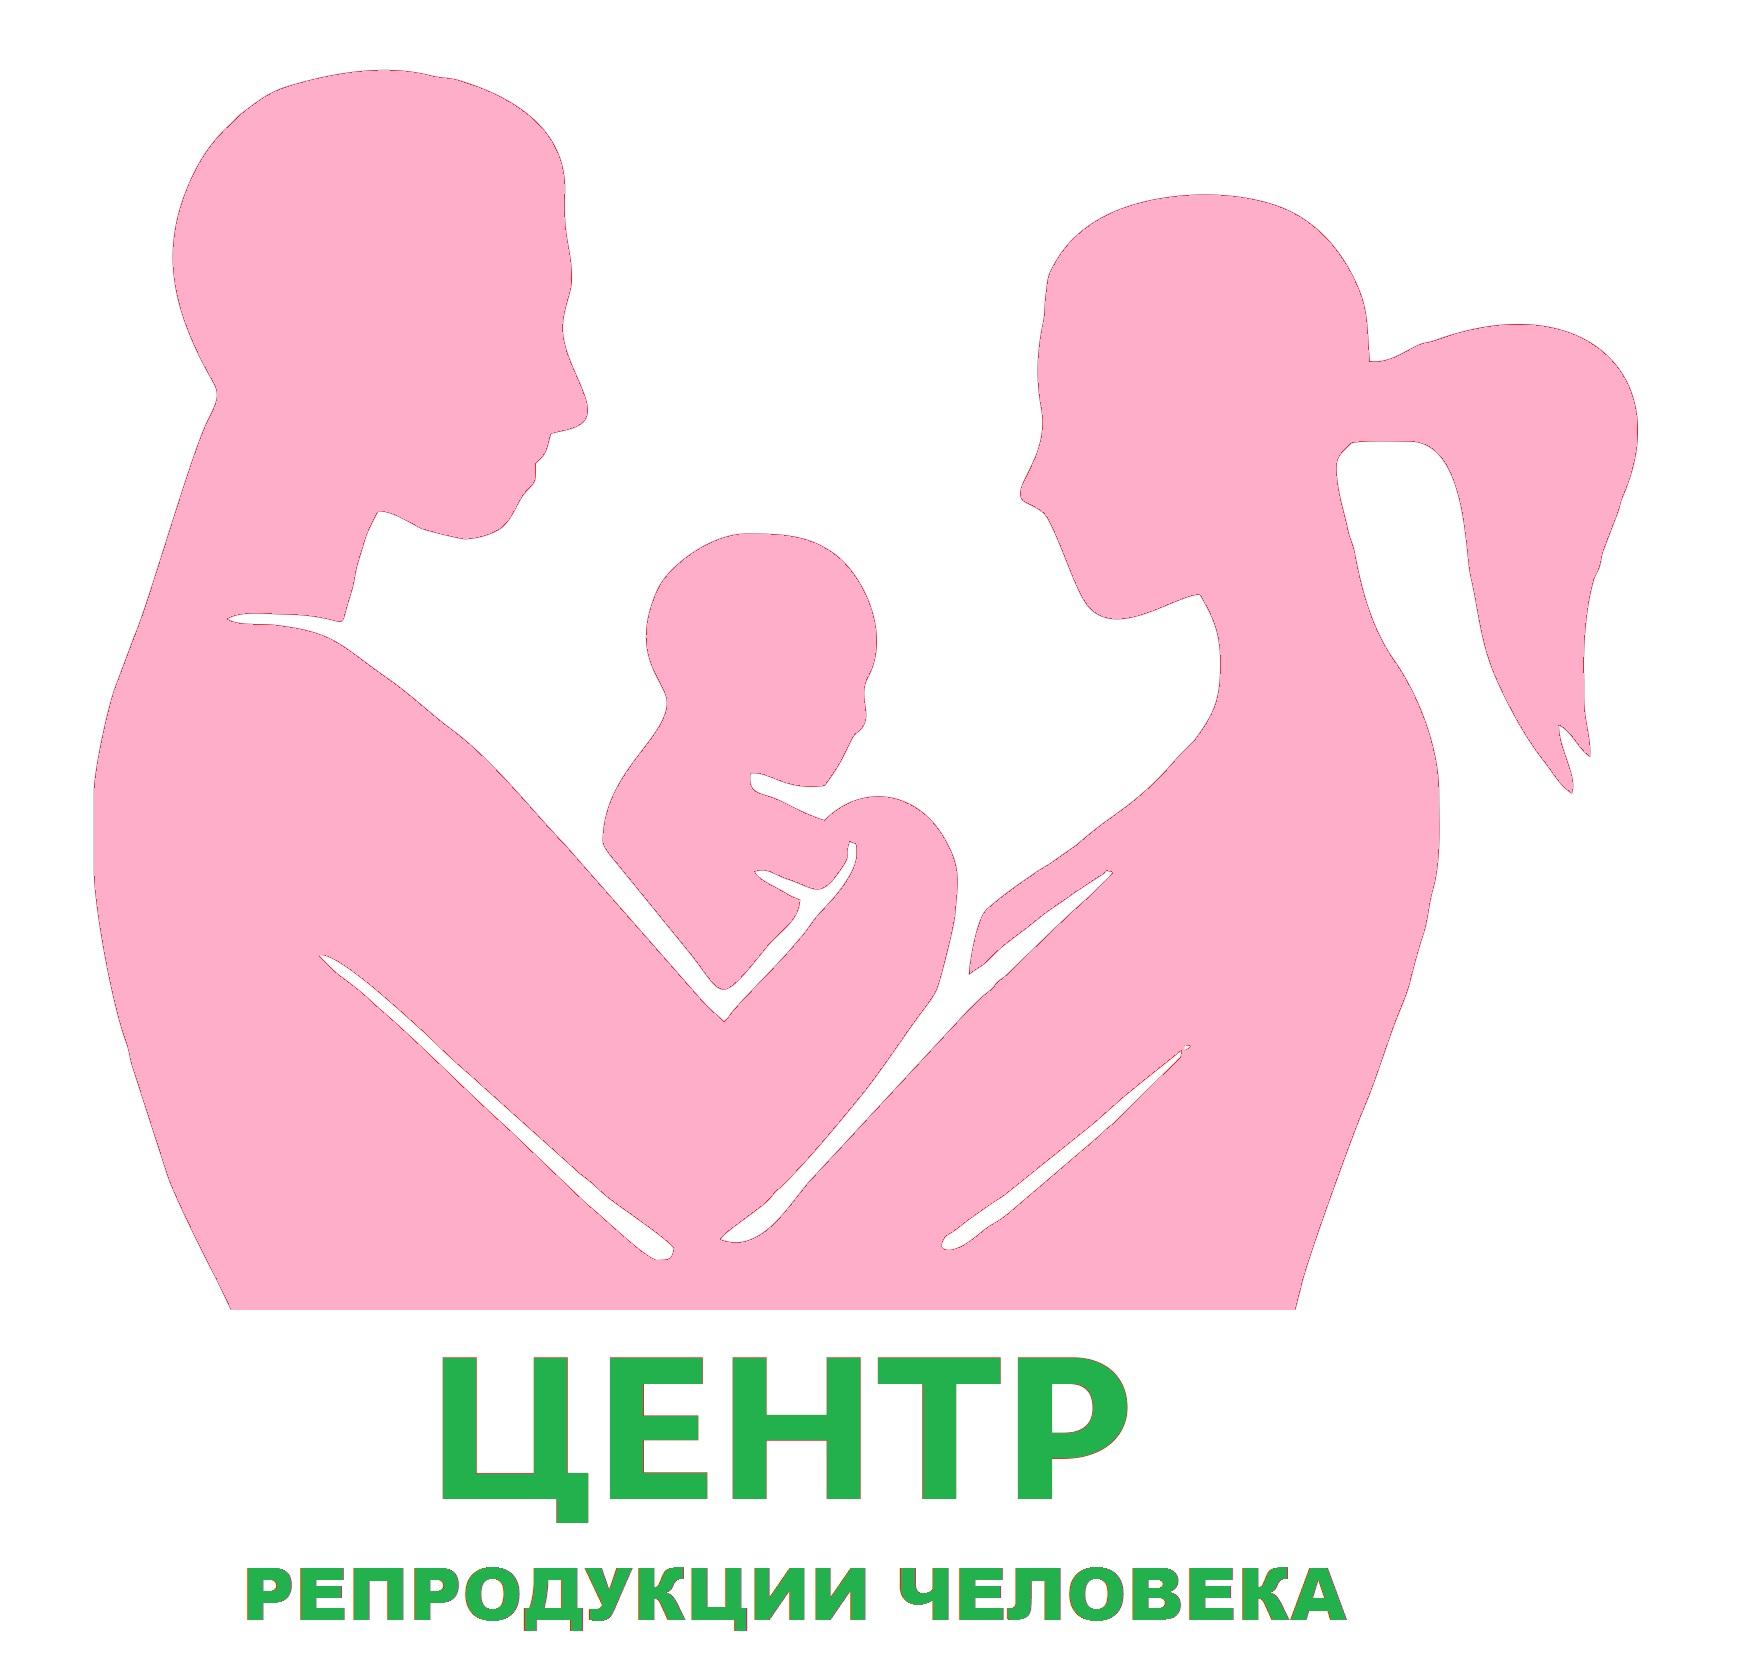 Реклама центра репродукции